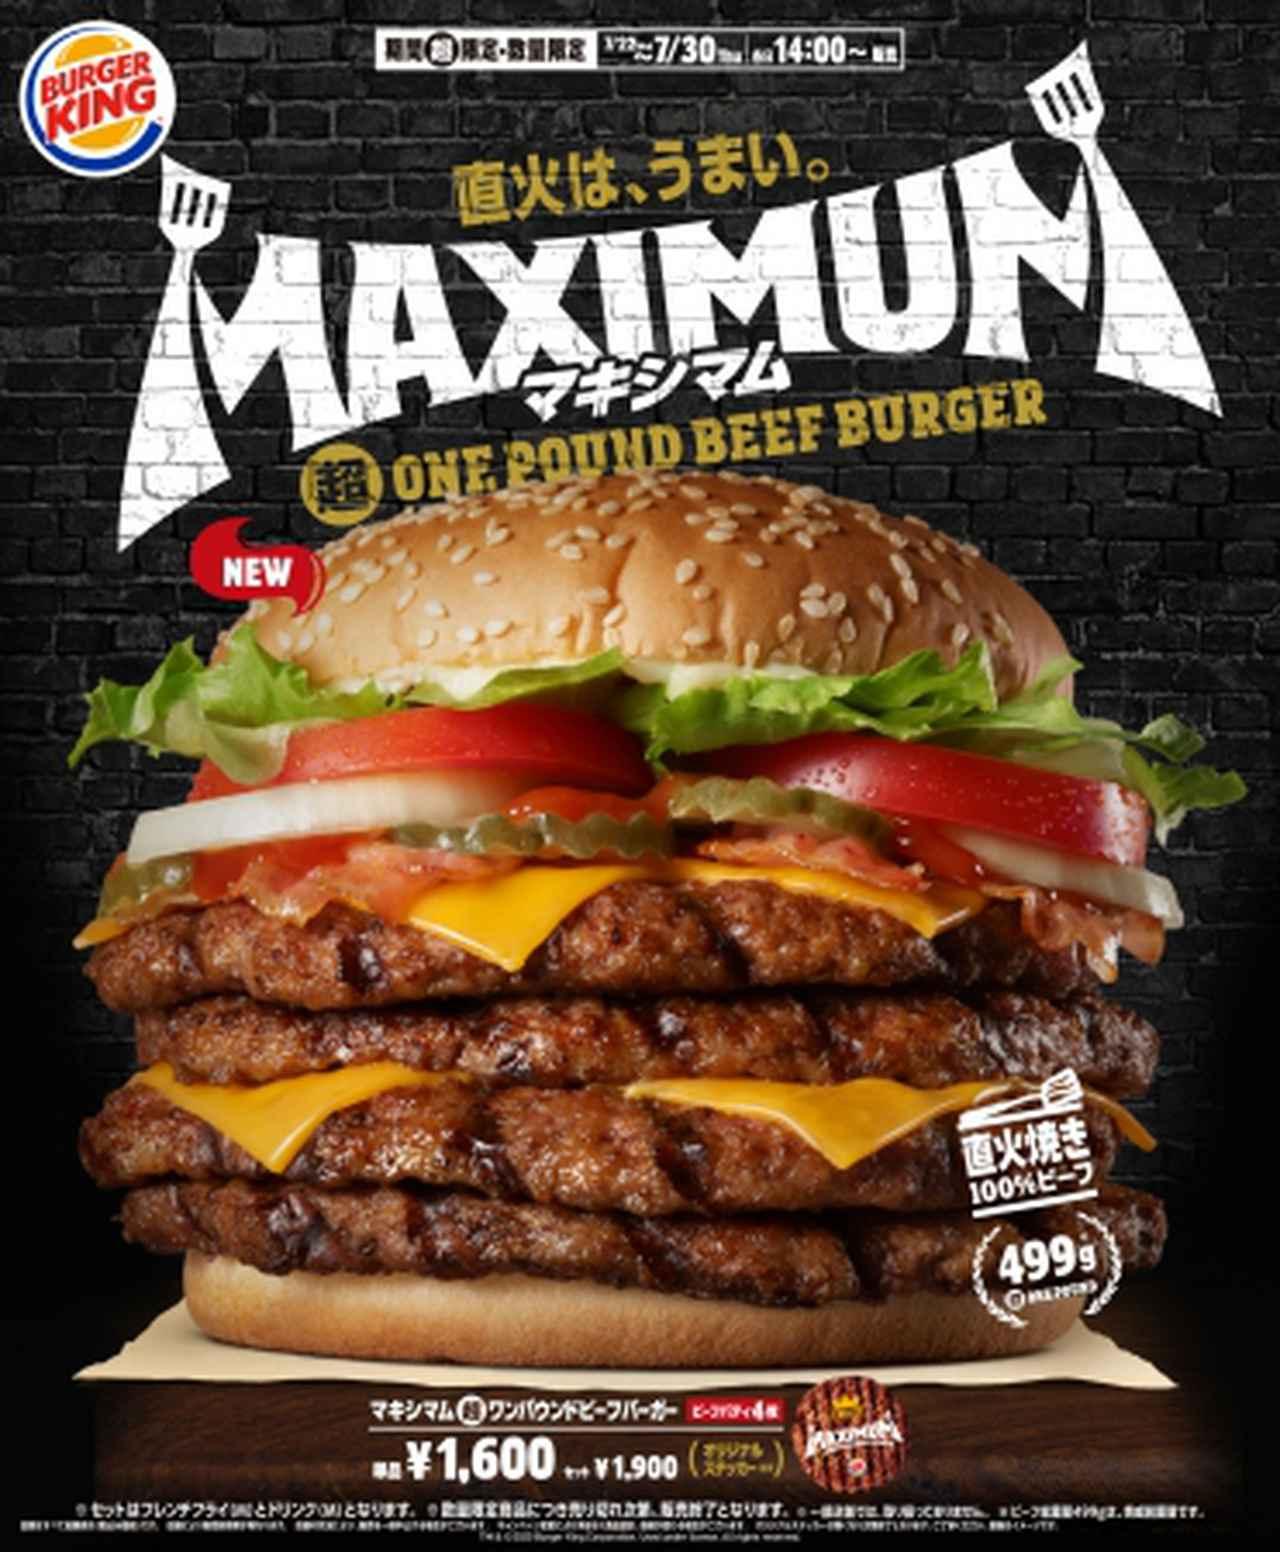 画像1: 【期間限定】バーガーキング® の『超ワンパウンドビーフバーガー』をさらにパワーアップ!